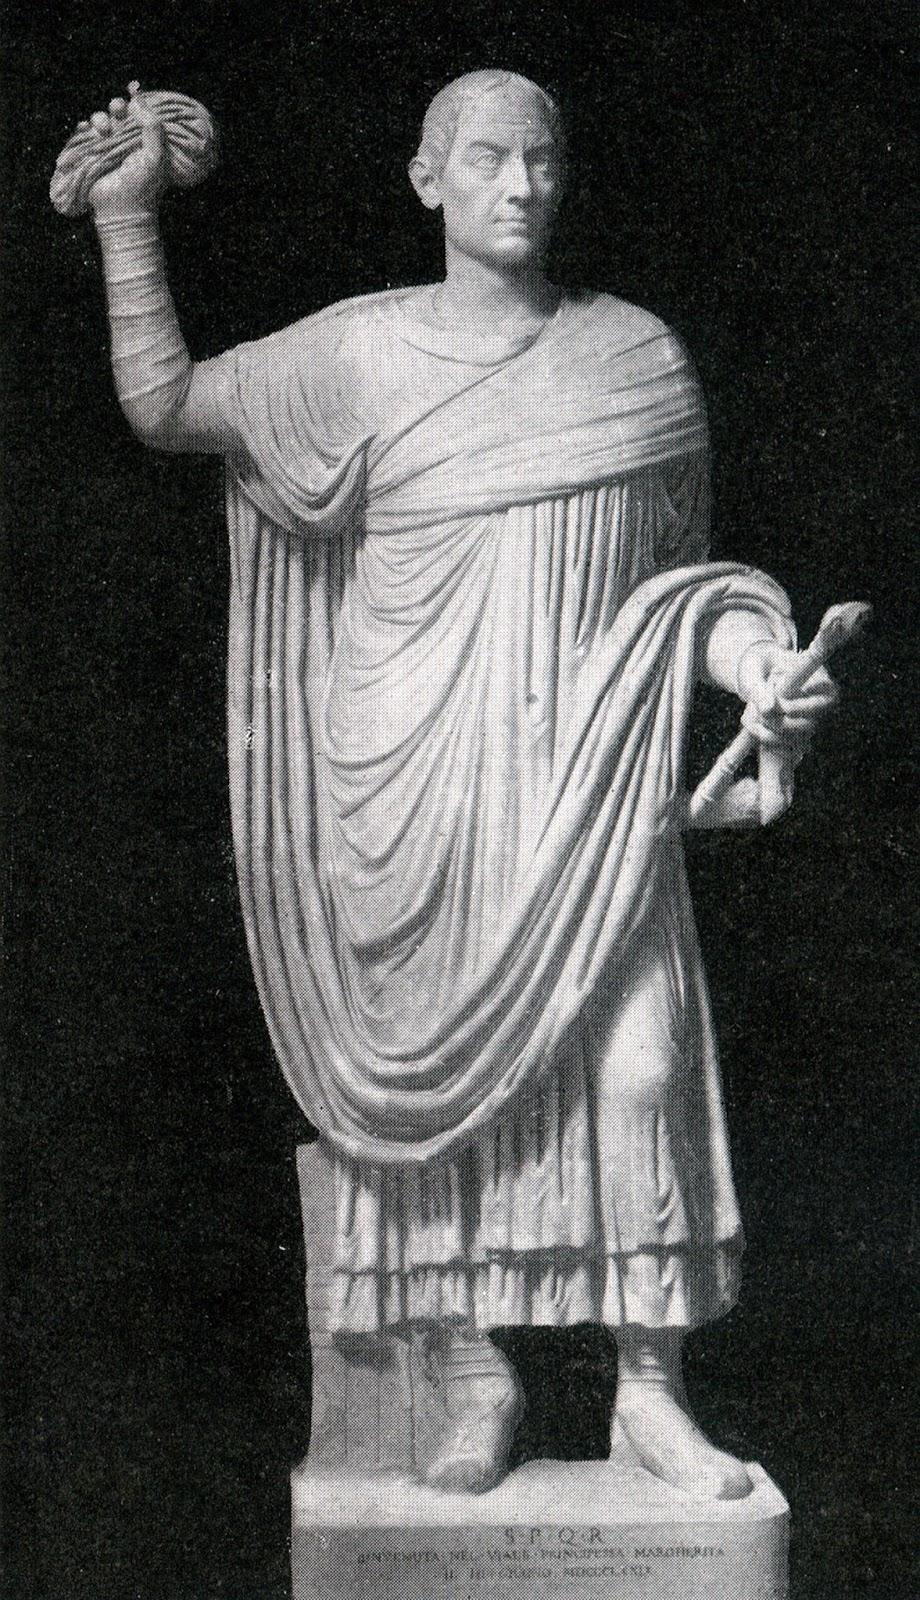 Il costume e la moda gli antichi romani e i loro abiti for Secondi romani